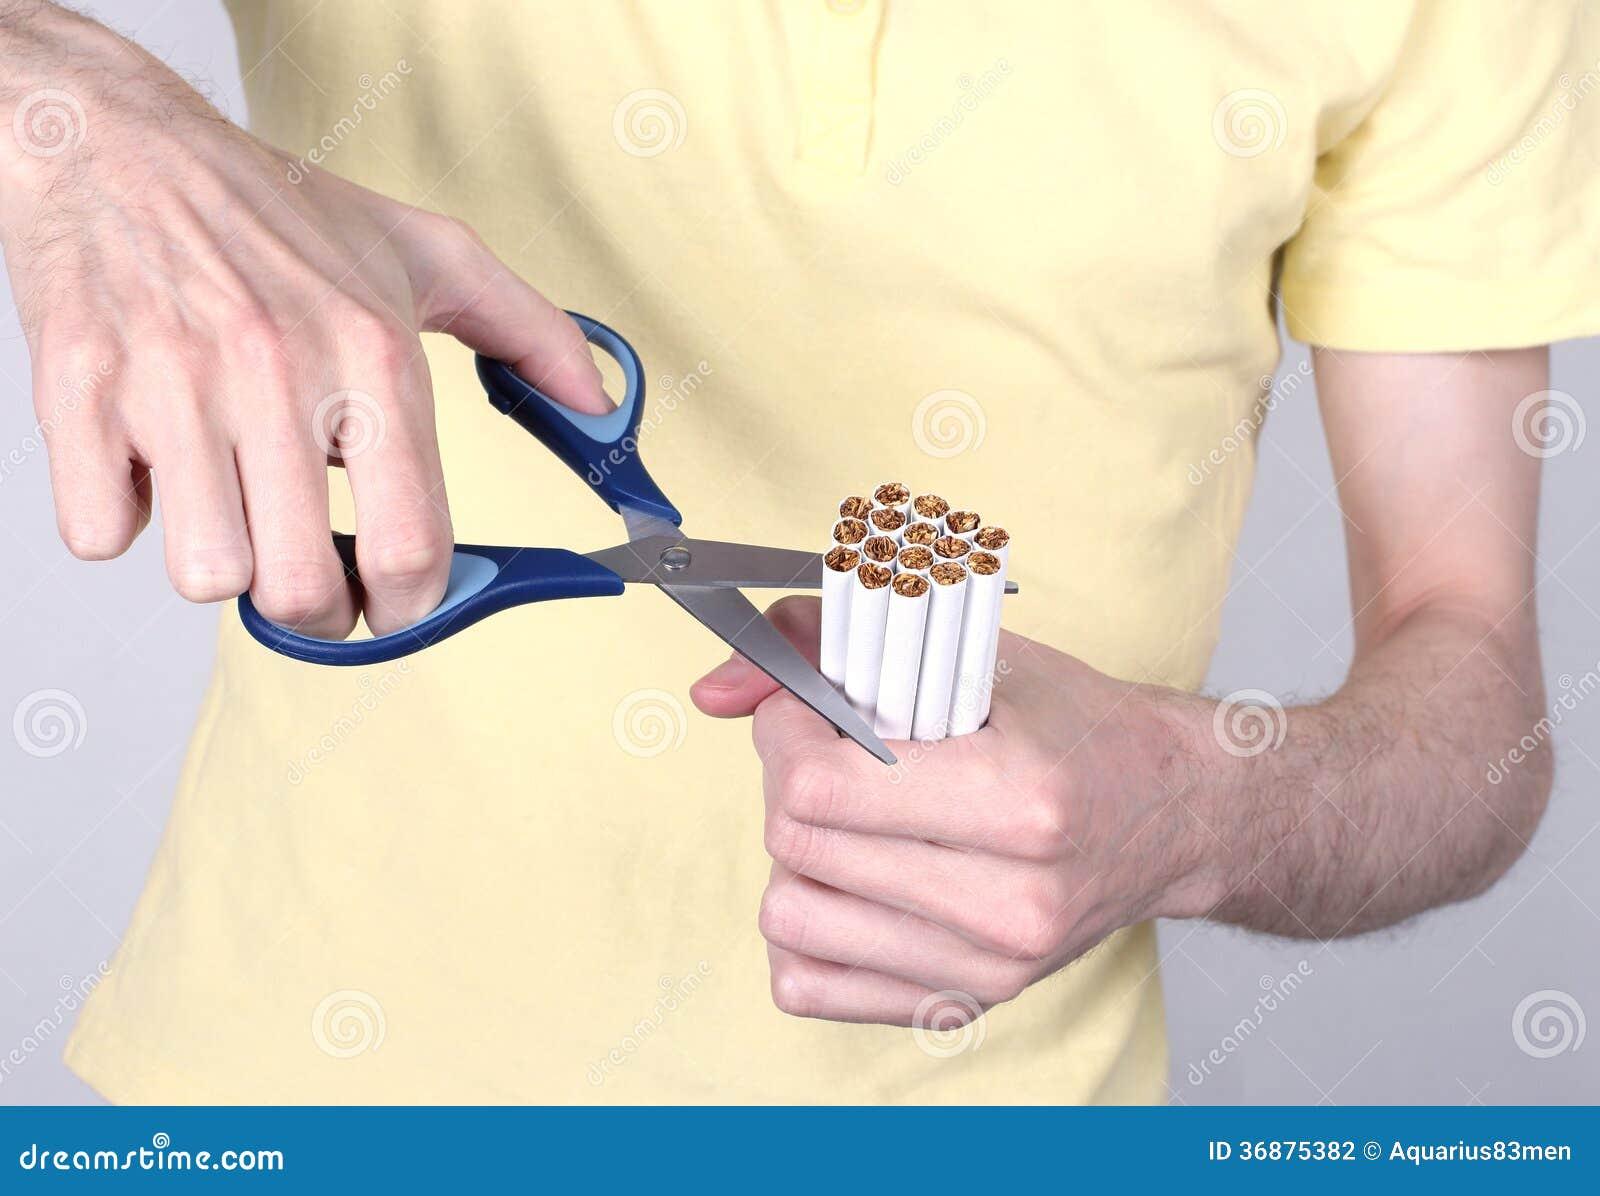 Download Il Fumo è Nocivo Alla Vostra Salute Fotografia Stock - Immagine di lifestyles, umano: 36875382